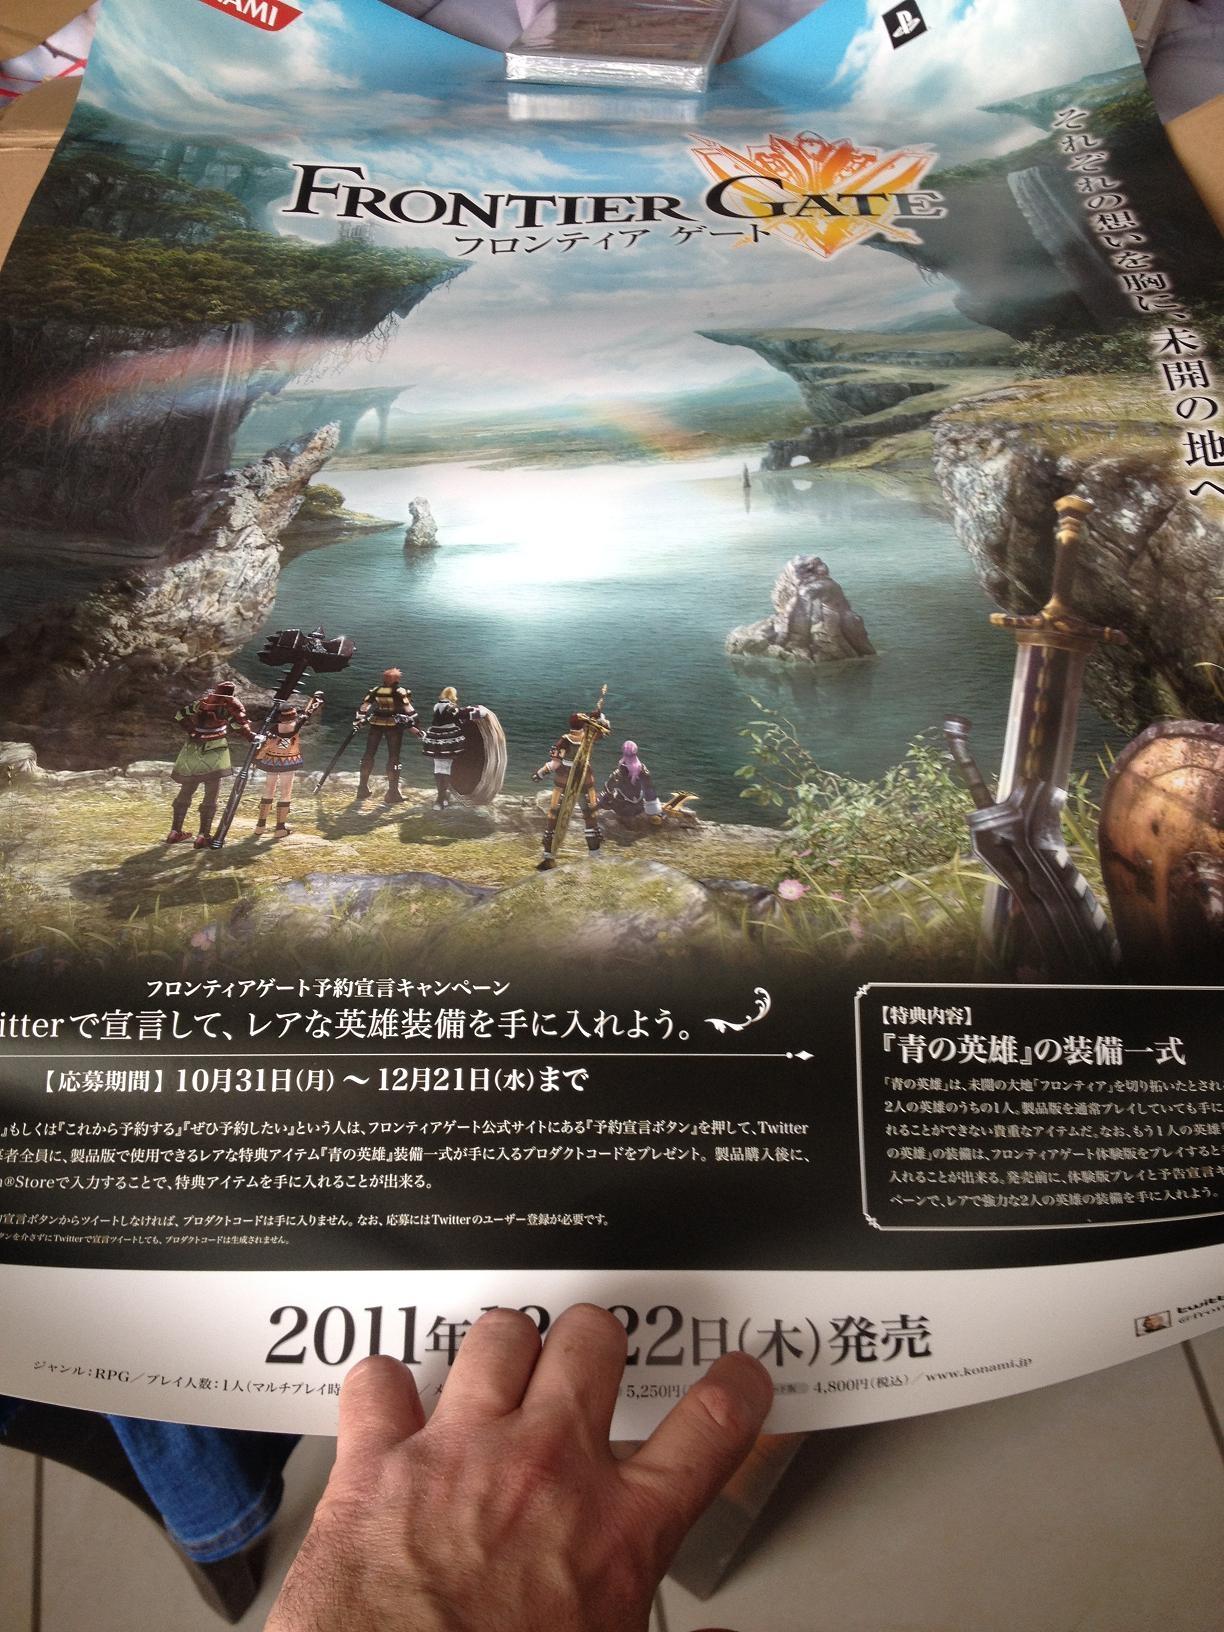 [Vds] Collection PSP 96 jeux originaux ( 98% de RPG) - Page 2 15213657621874975425